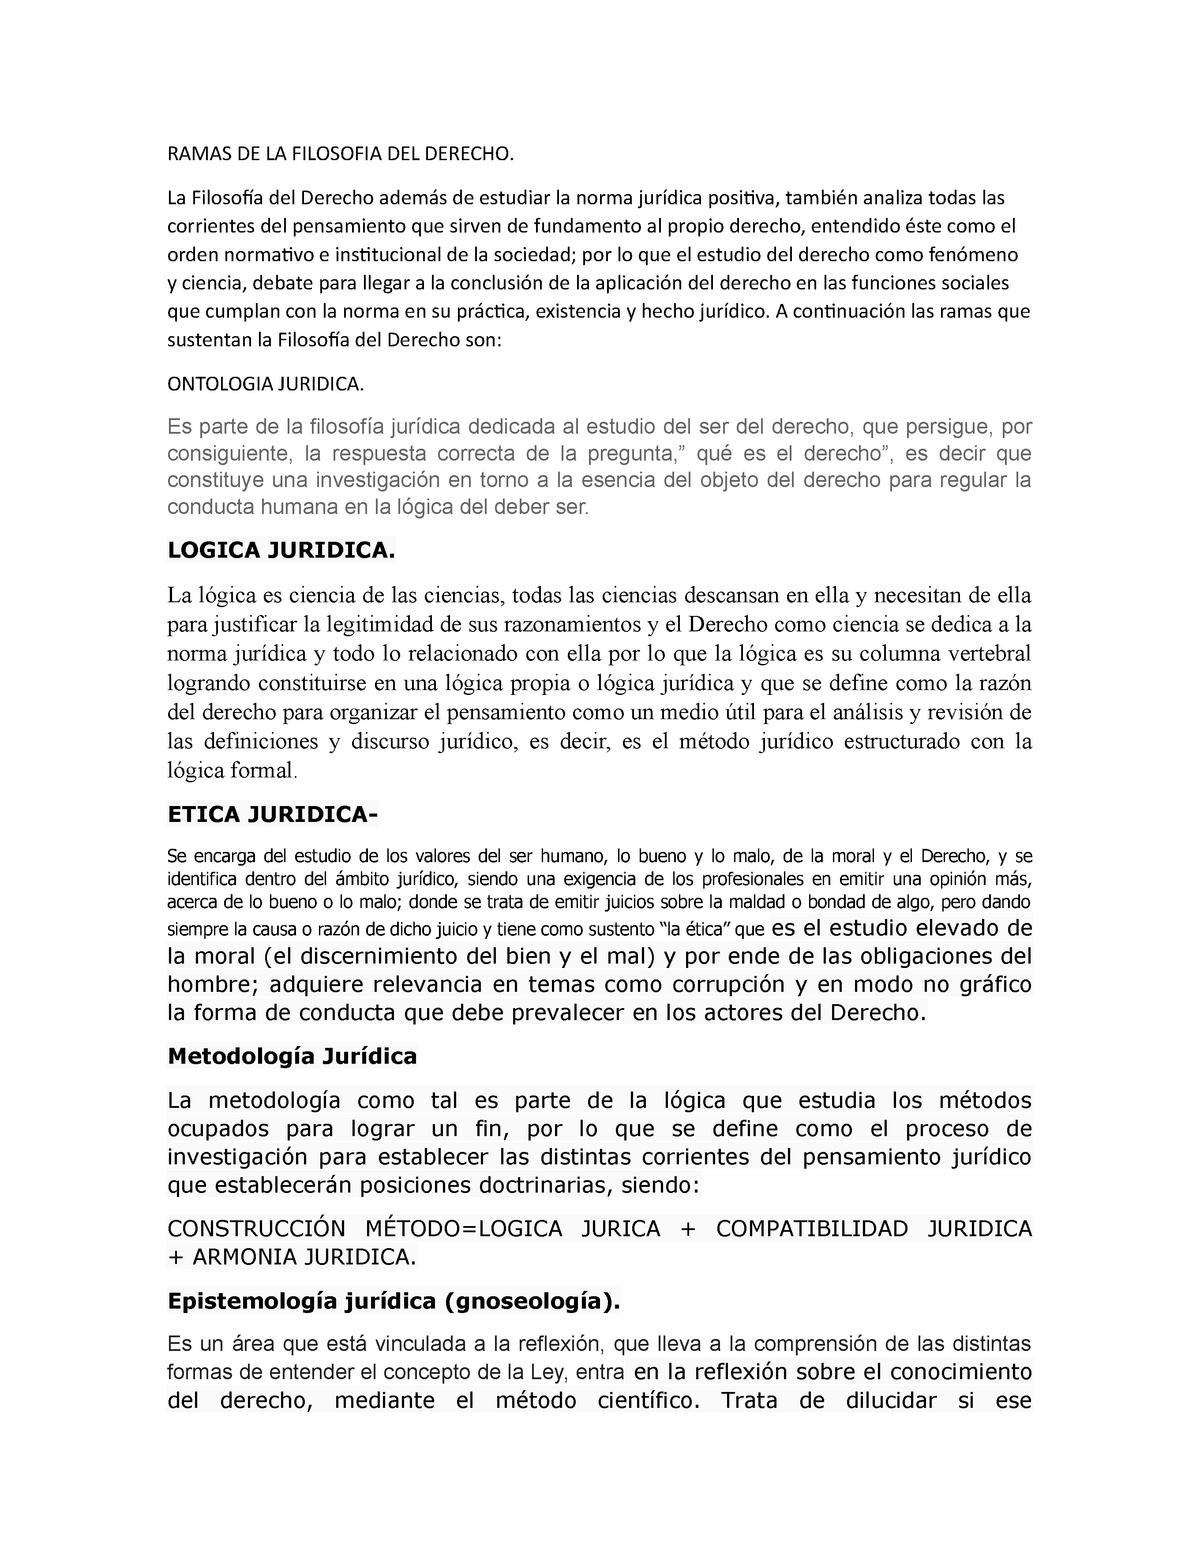 Ramas De La Filosofia Del Derecho 3 Studocu